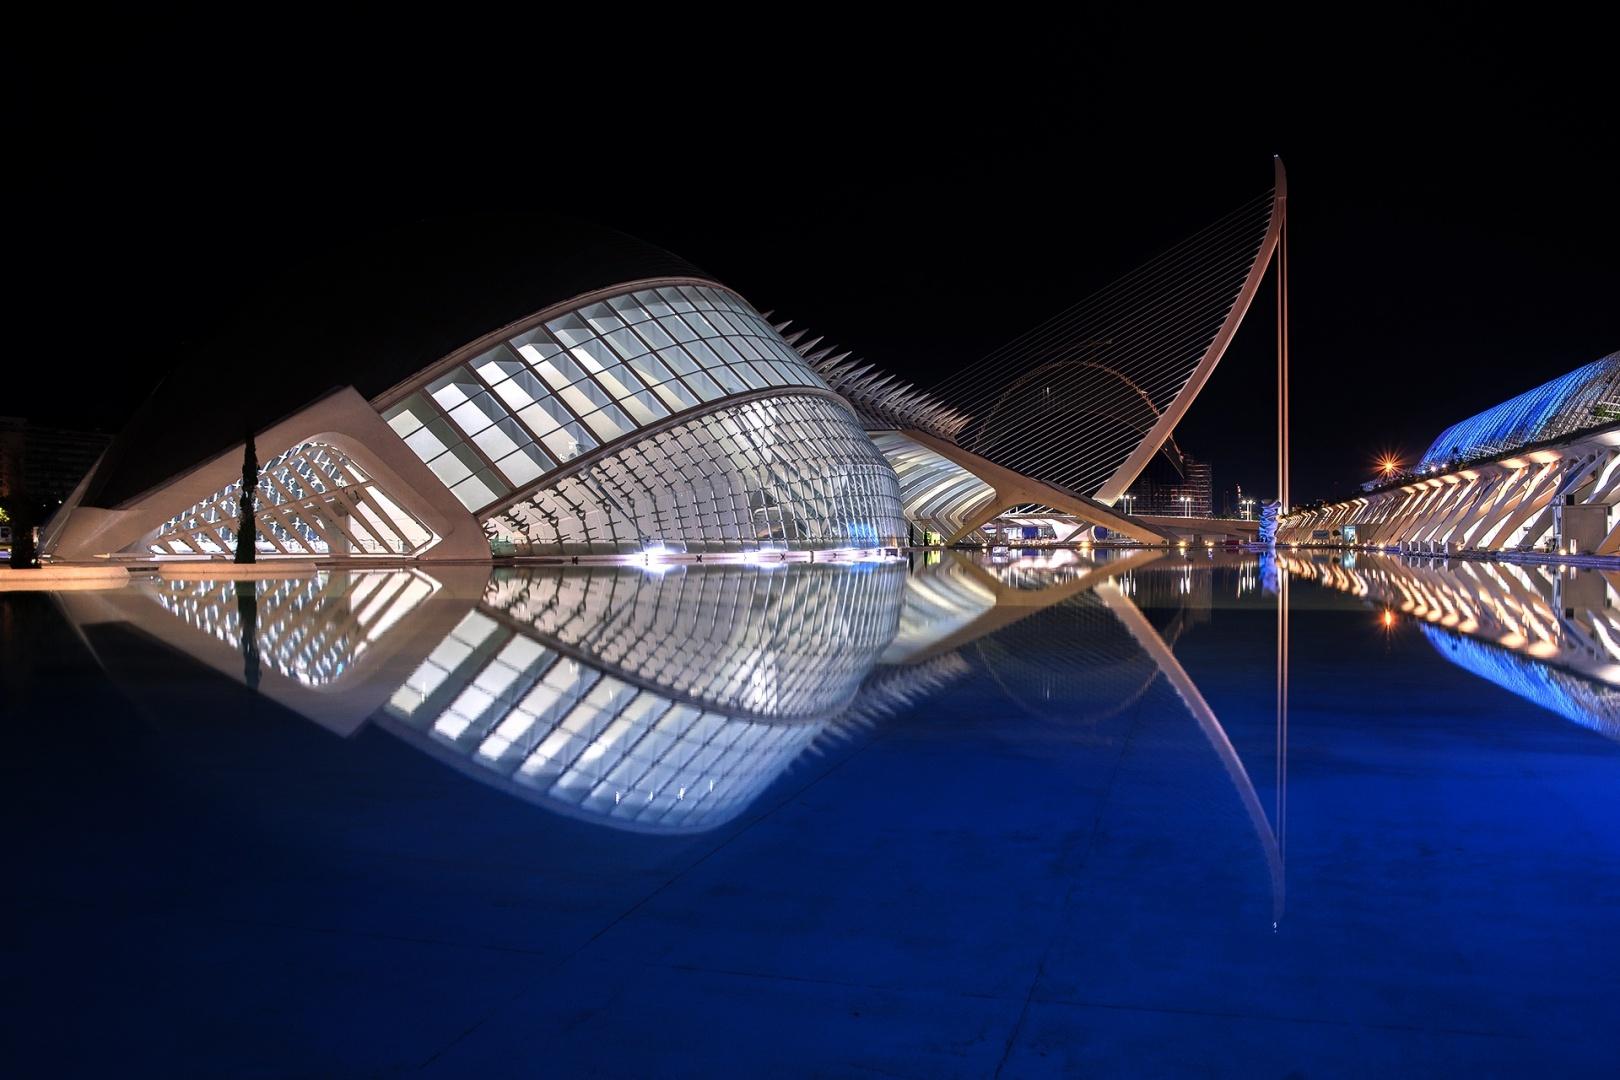 © Maria do Carmo - CAC com iluminaçao azul